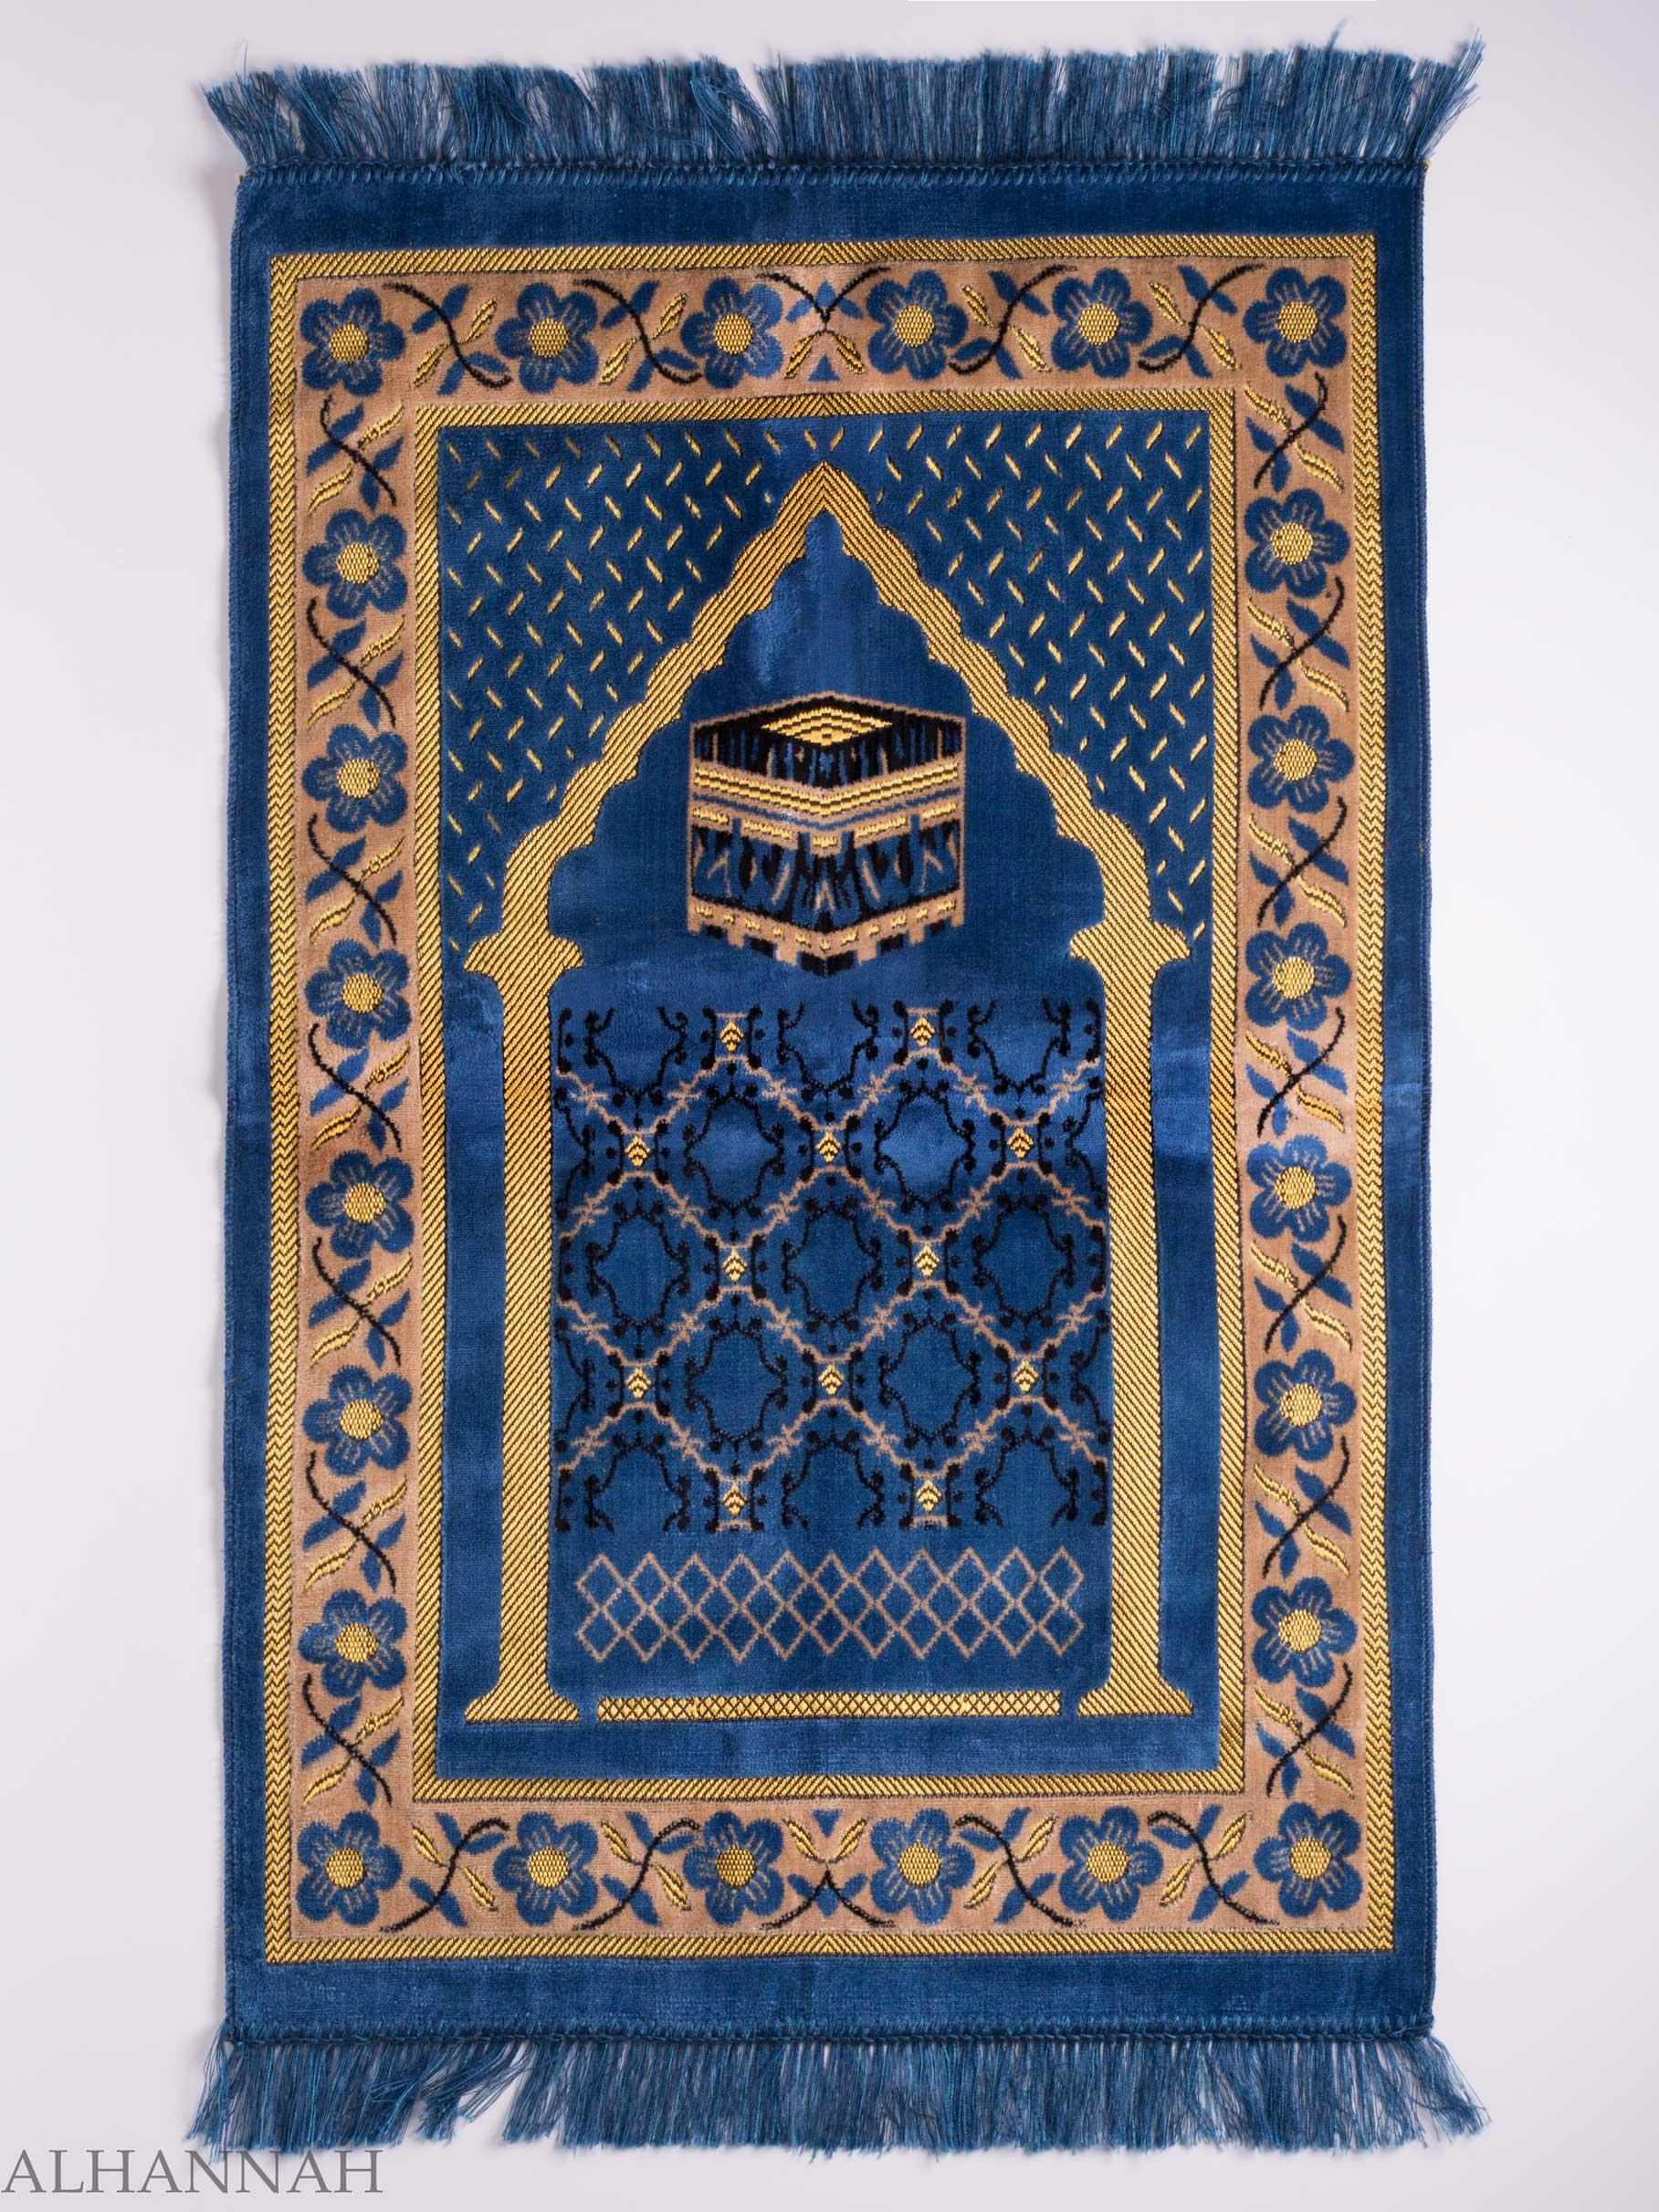 turkish prayer rug | blue arched pagoda kaaba motif | ii1142 |